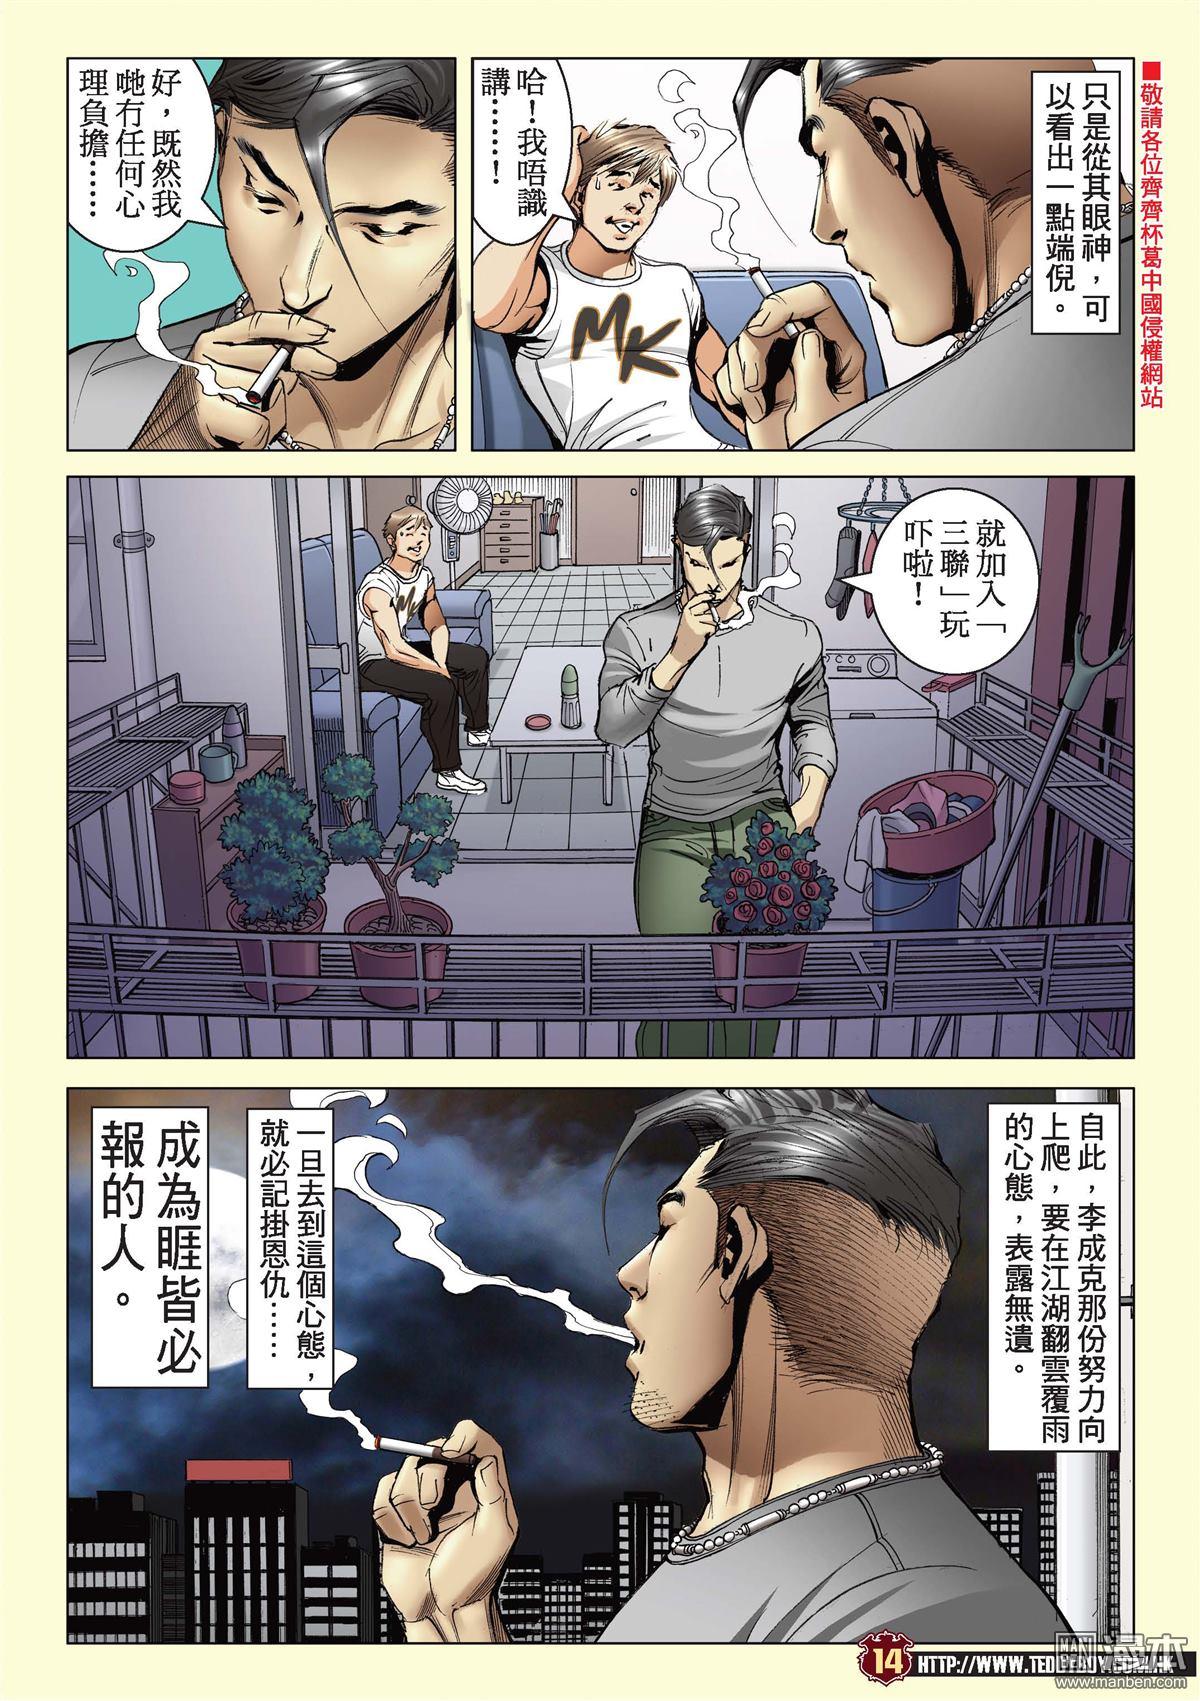 Người Trong Giang Hồ chap 2129 - Trang 12